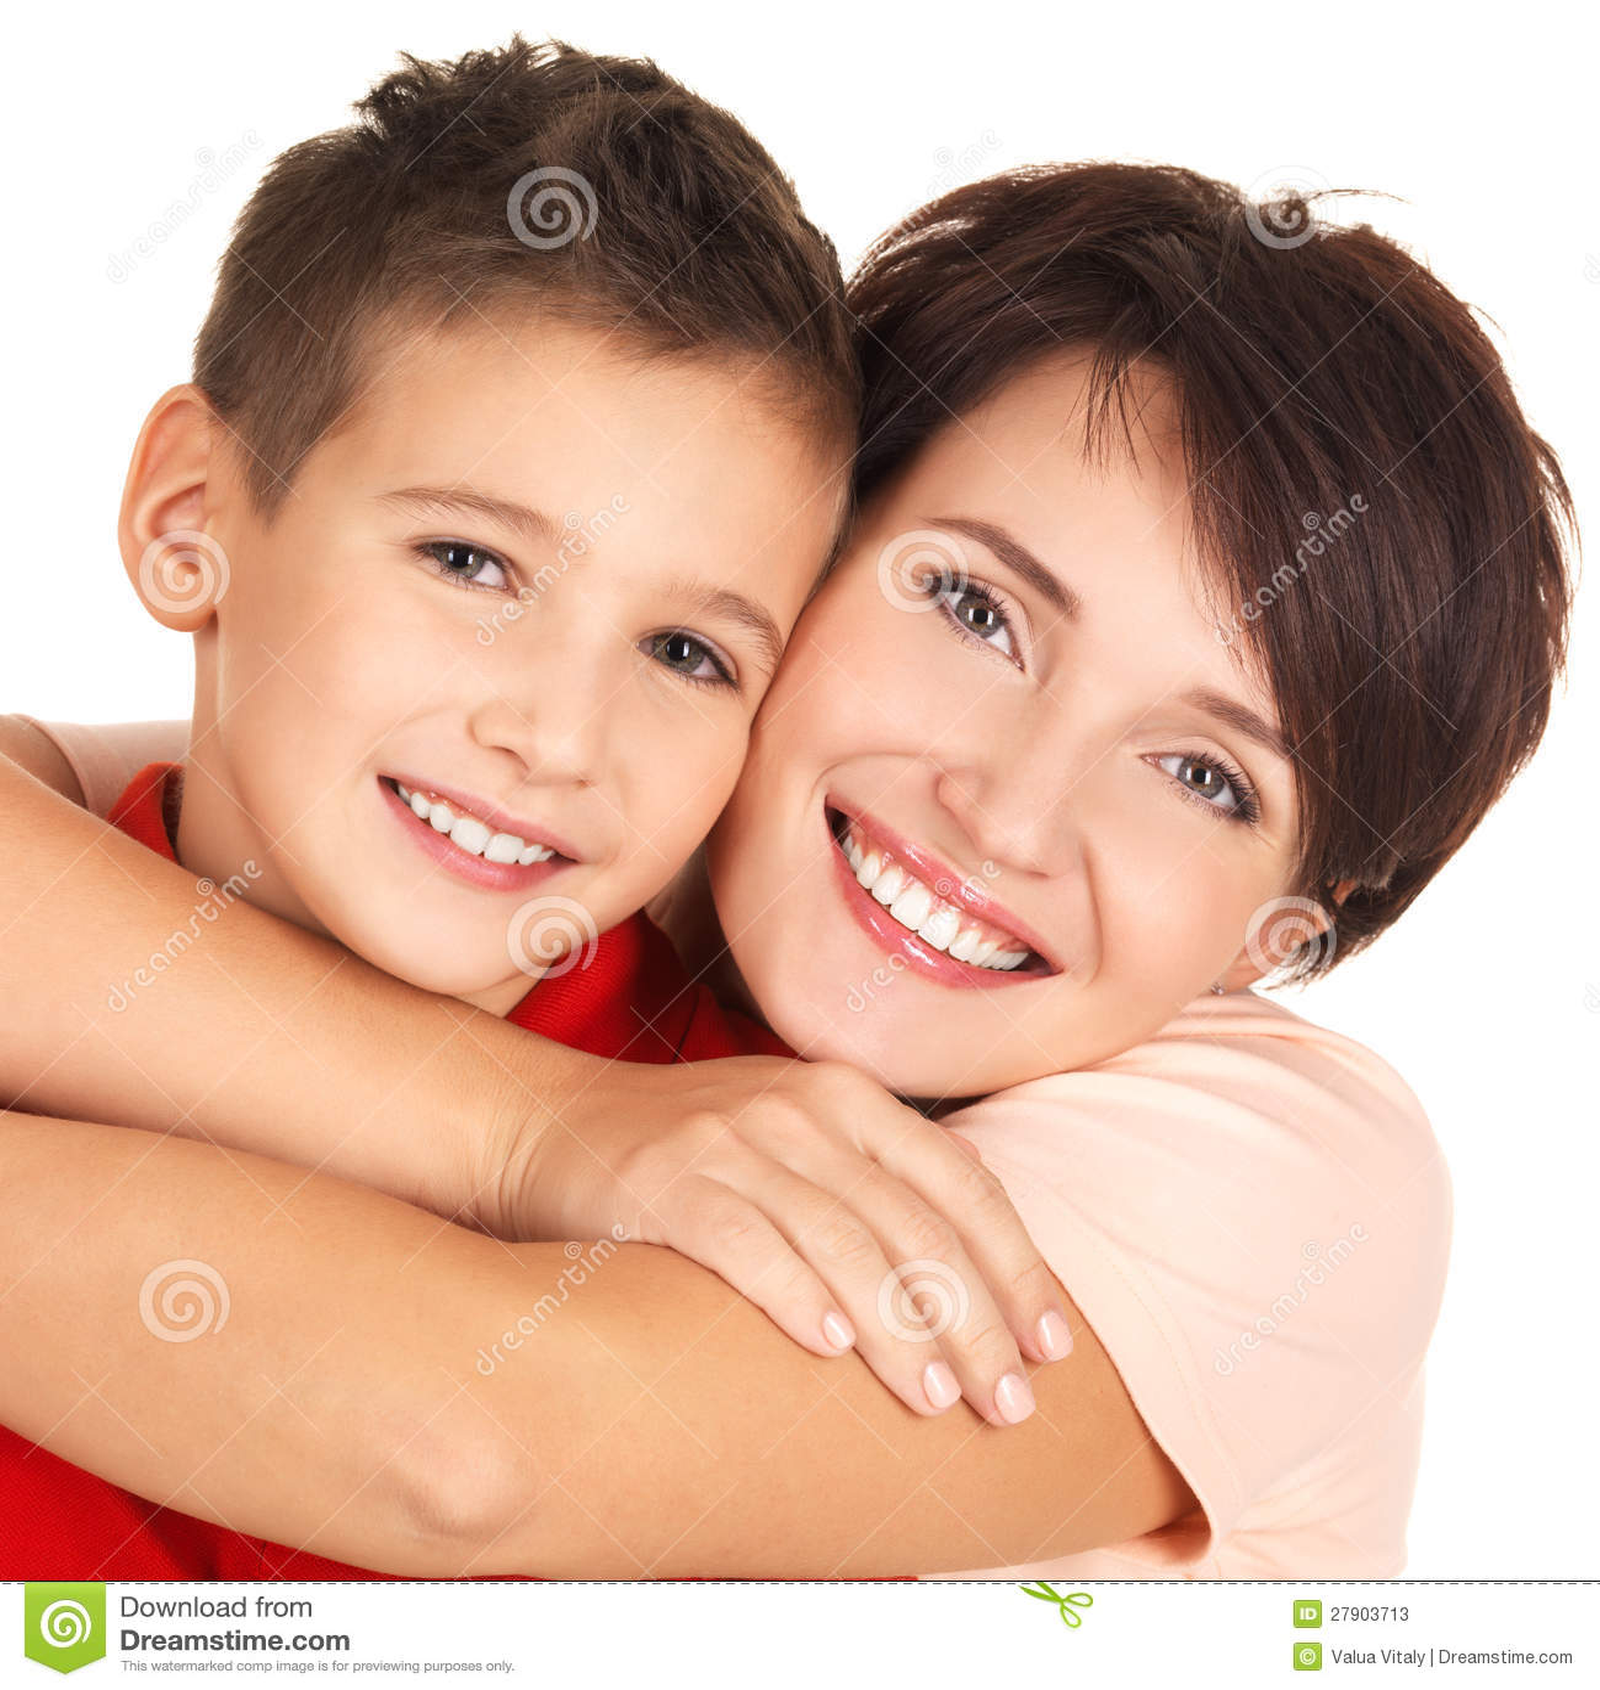 Сын с маму фото 23 фотография